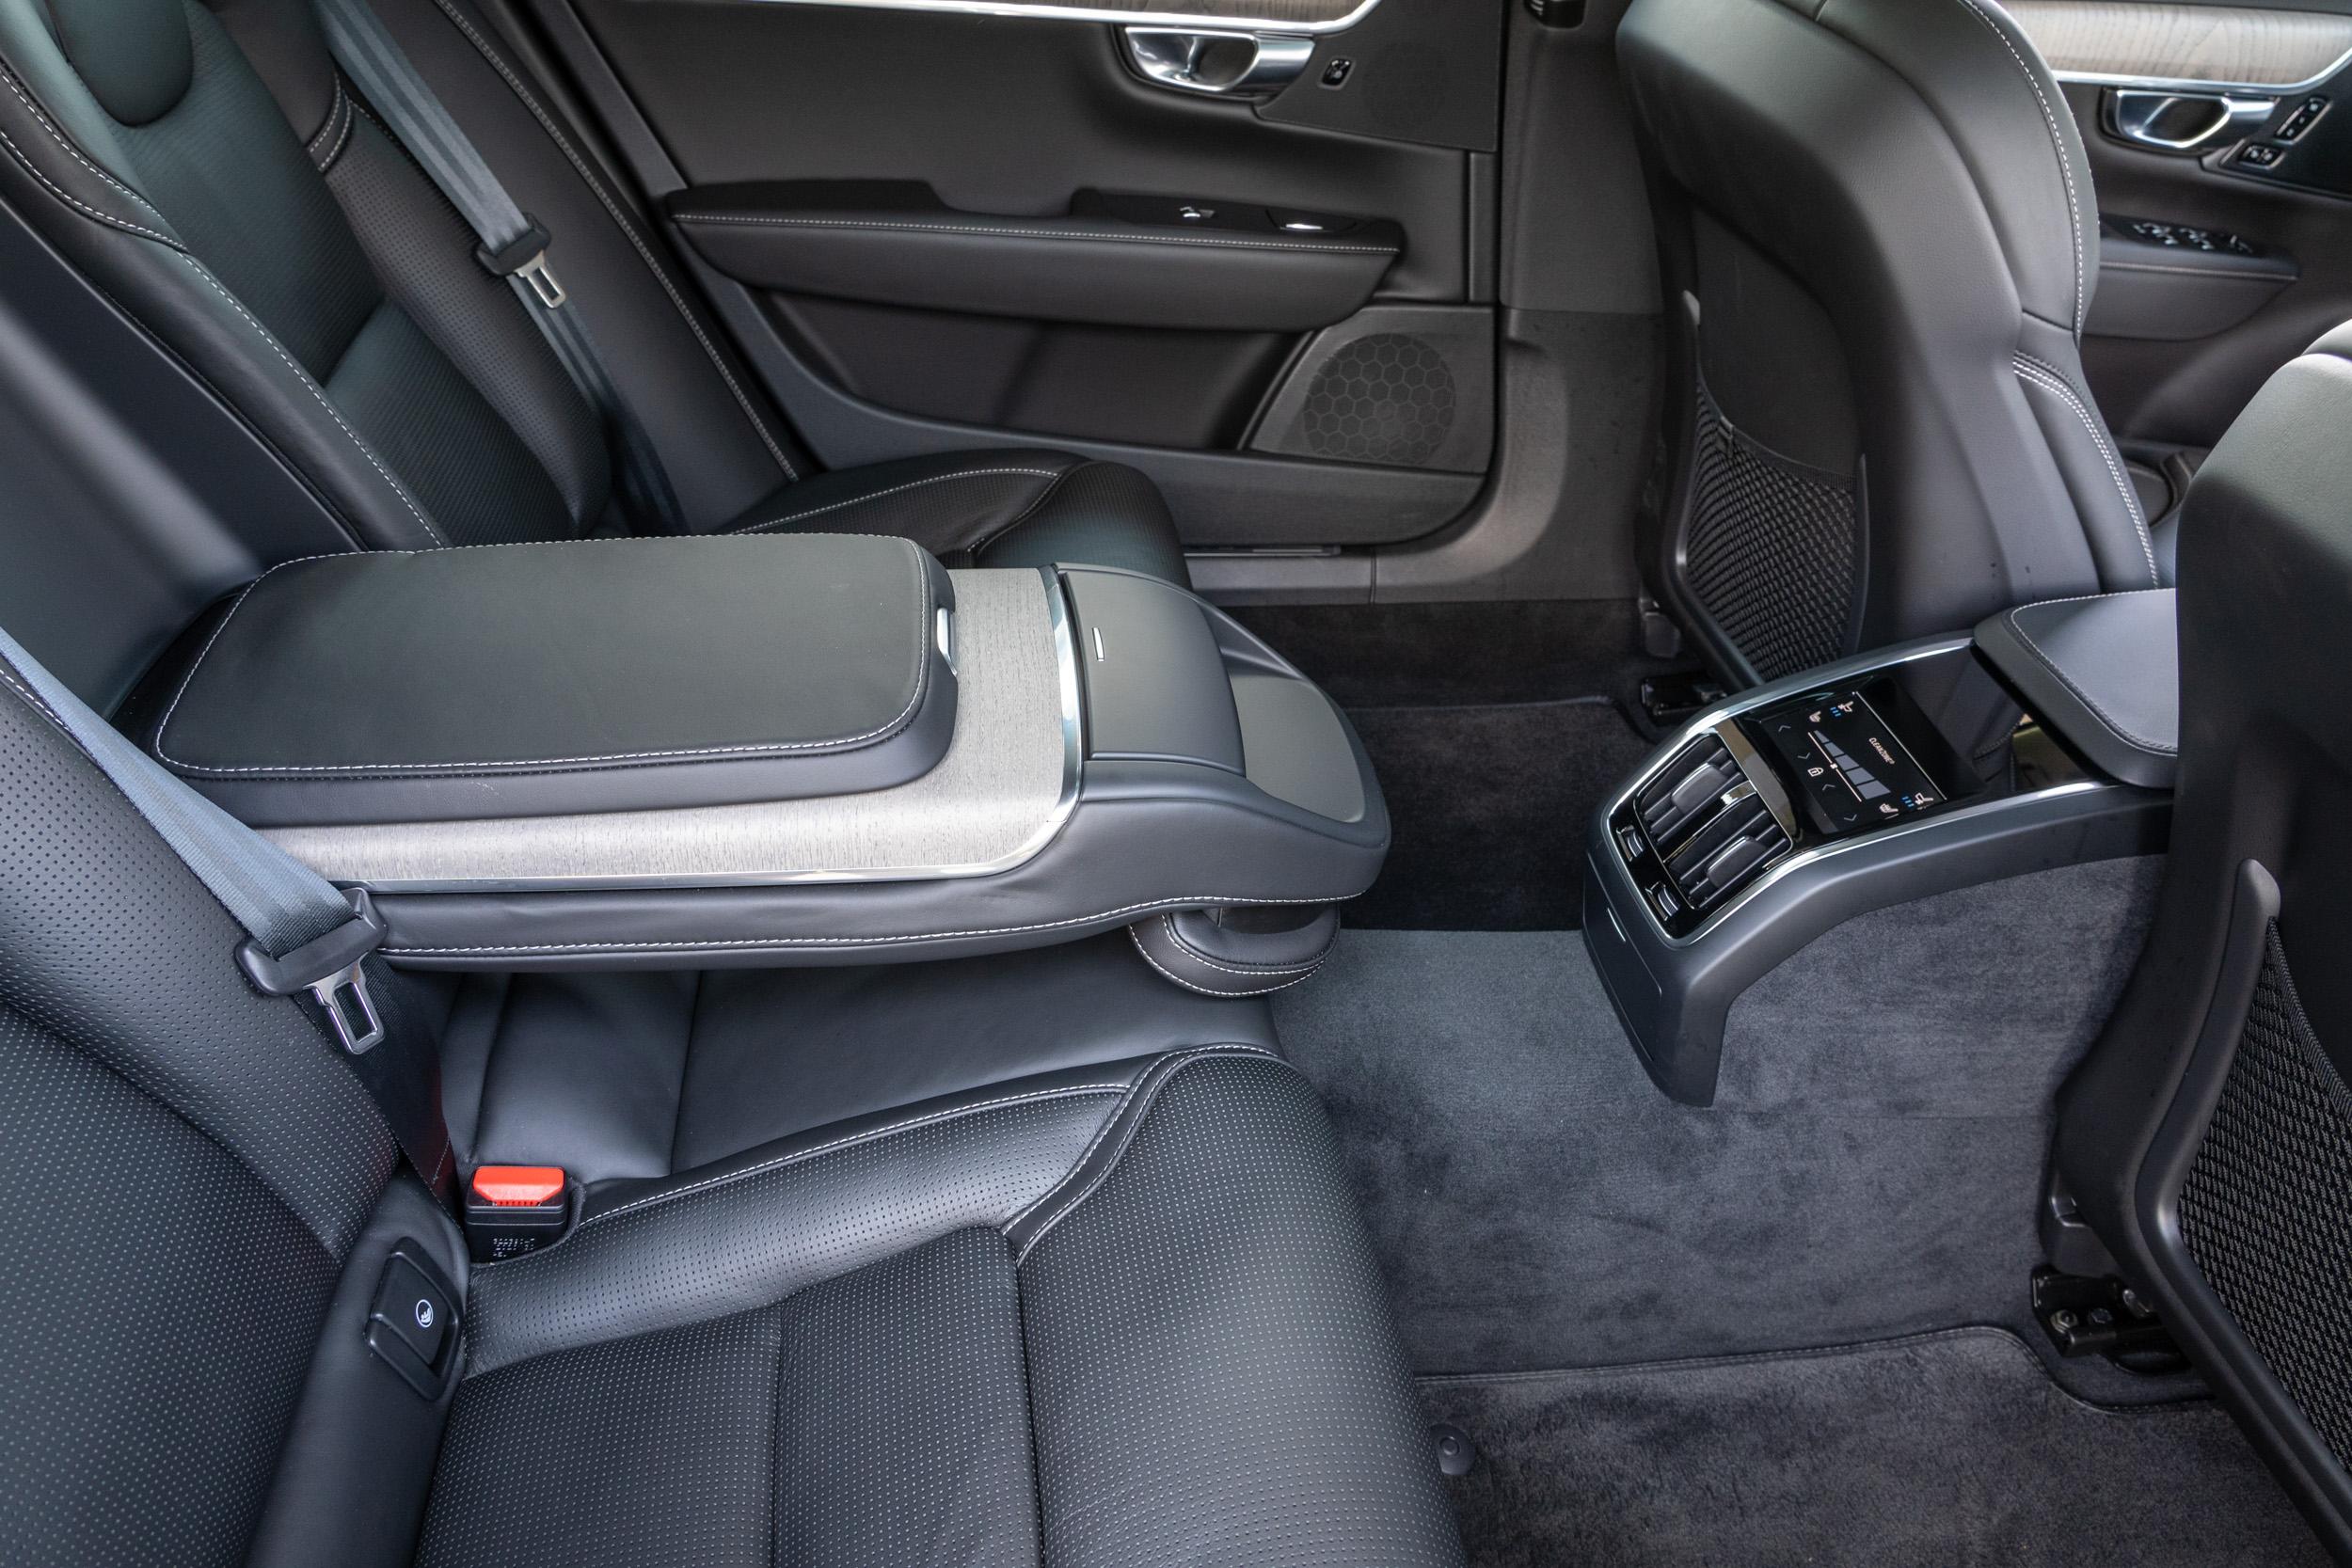 小改款 S90 全車系標配四區恆溫空調與後座豪華中央扶手。